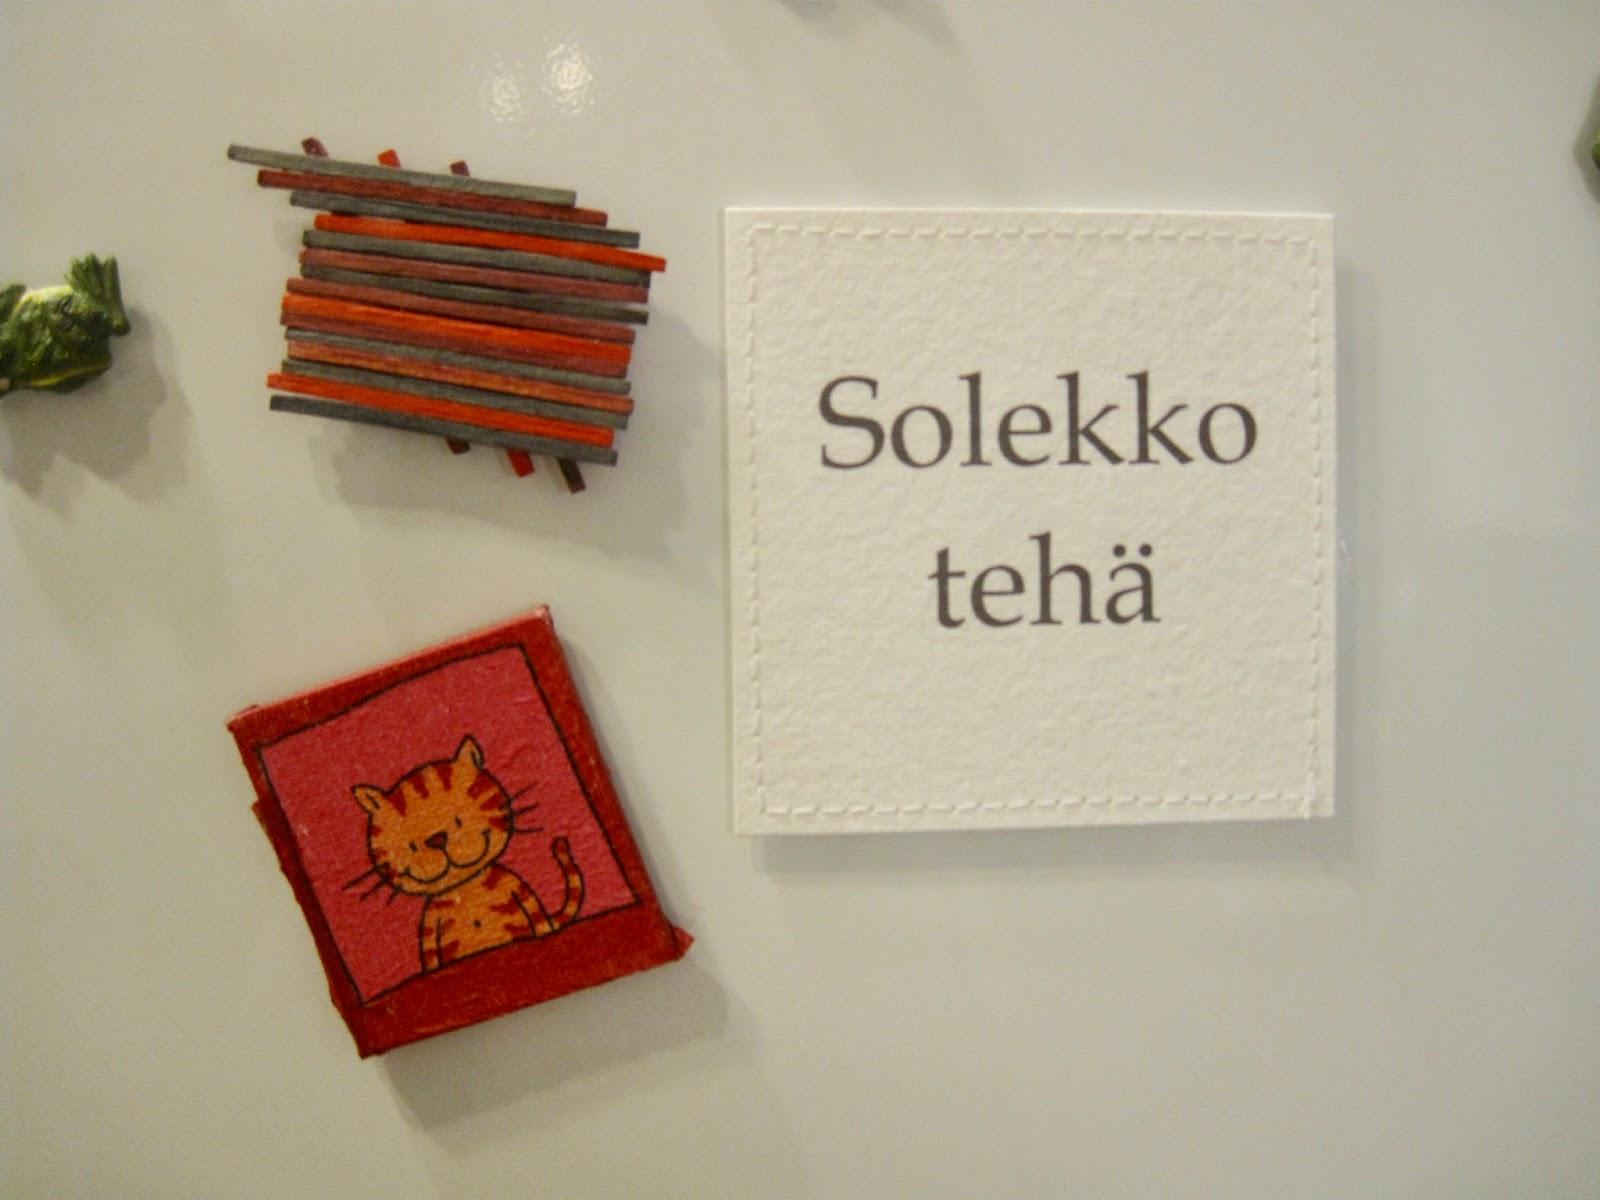 """Huovutettuja kangaslappuja pöydällä, jossa yhdessä lukee """"Solekko tehä""""."""